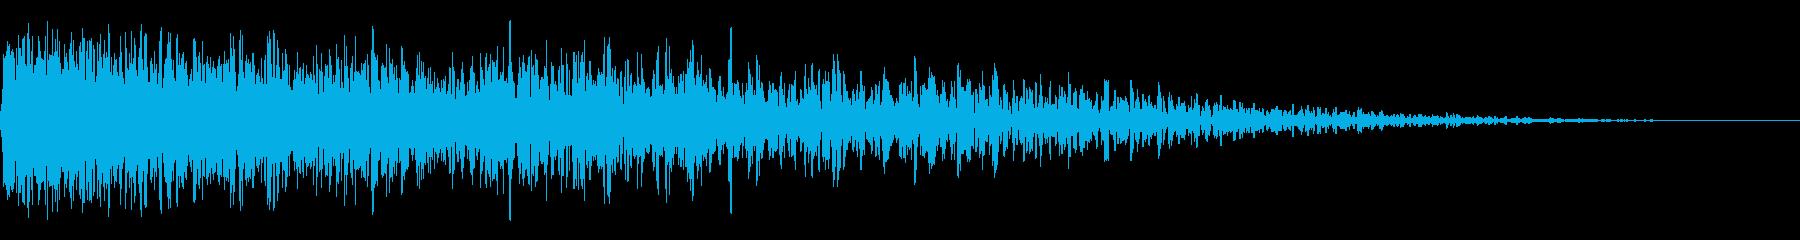 ビッグブーマーインパクト3の再生済みの波形